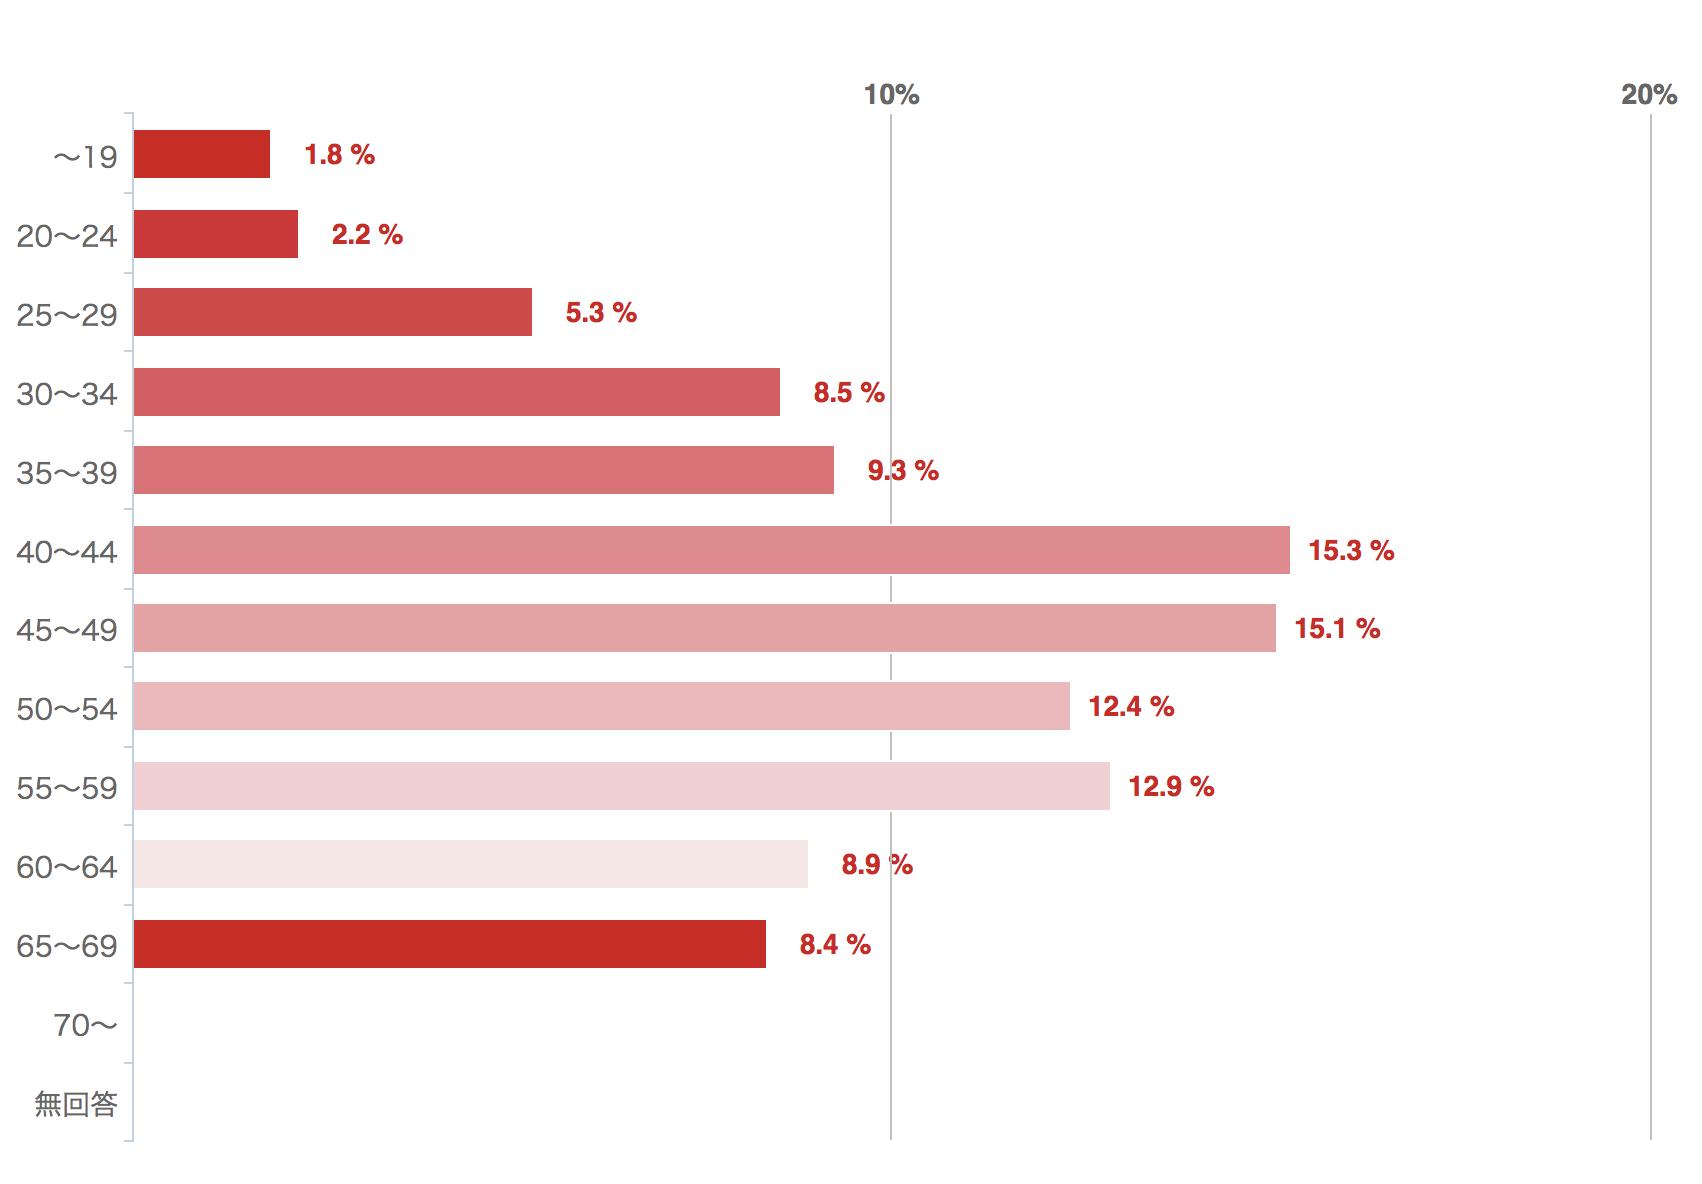 ファクタリングと手形割引に関するアンケート回答者の年齢分布図